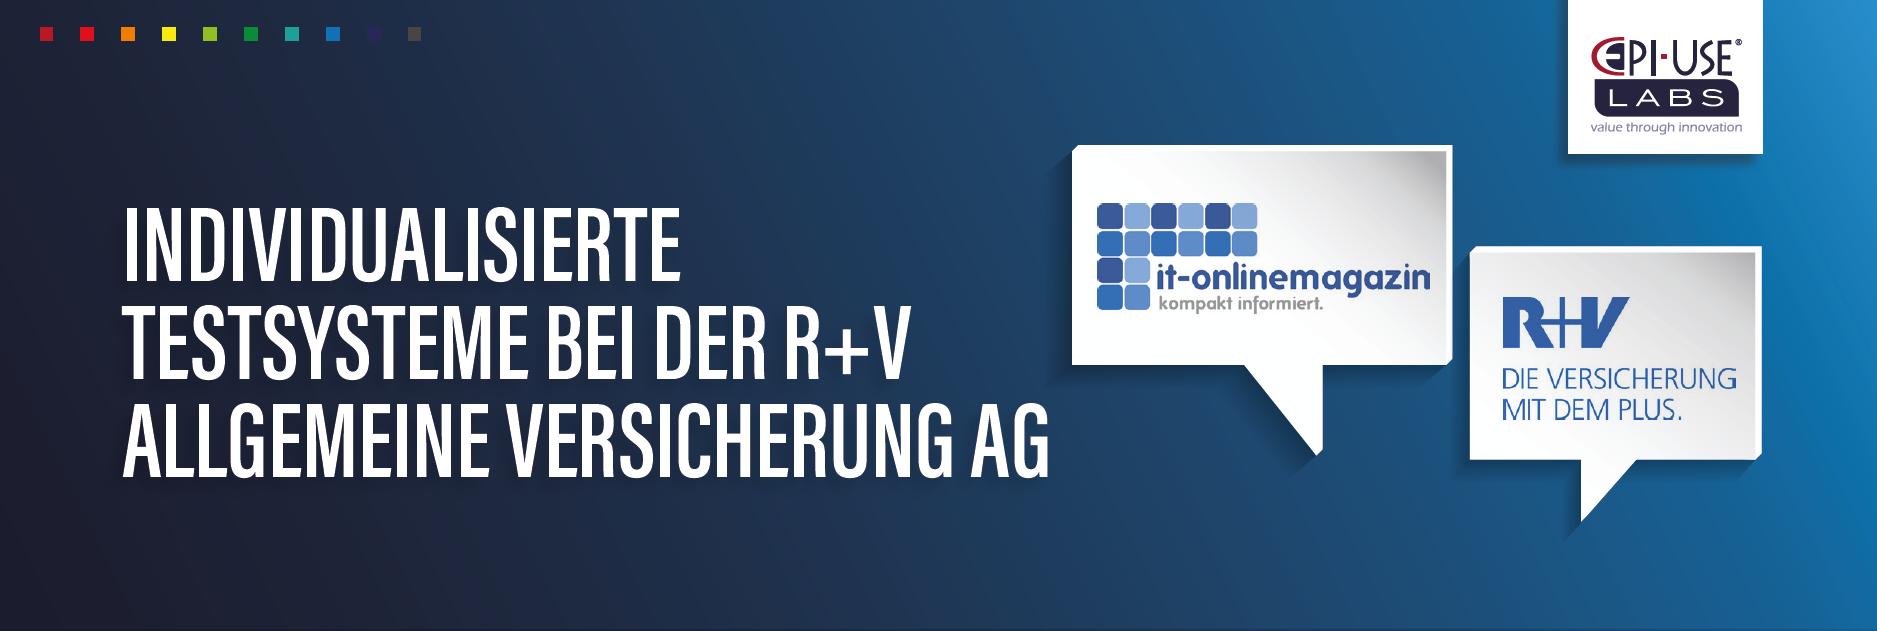 Individualisierte Testsysteme bei der R+V Allgemeine Versicherung AG